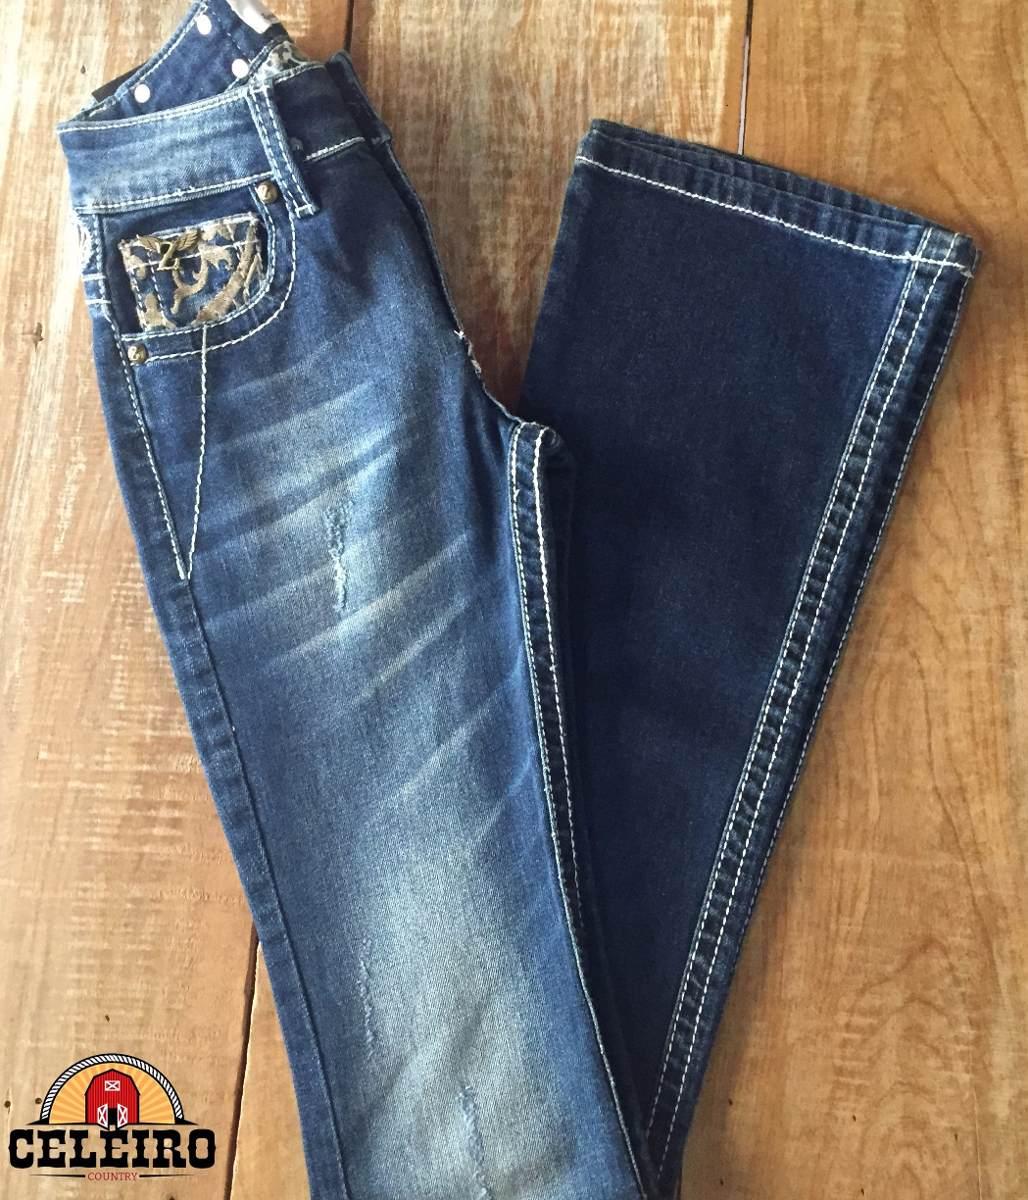 calça jeans flare feminina golden zenz western promoção. Carregando zoom. 2a008e9e002